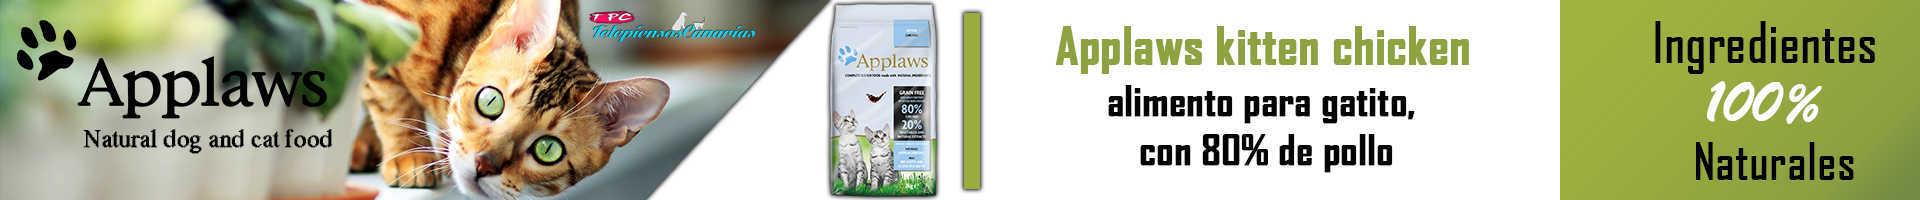 Applaws pienso para gato cachorro, con 80% de pollo